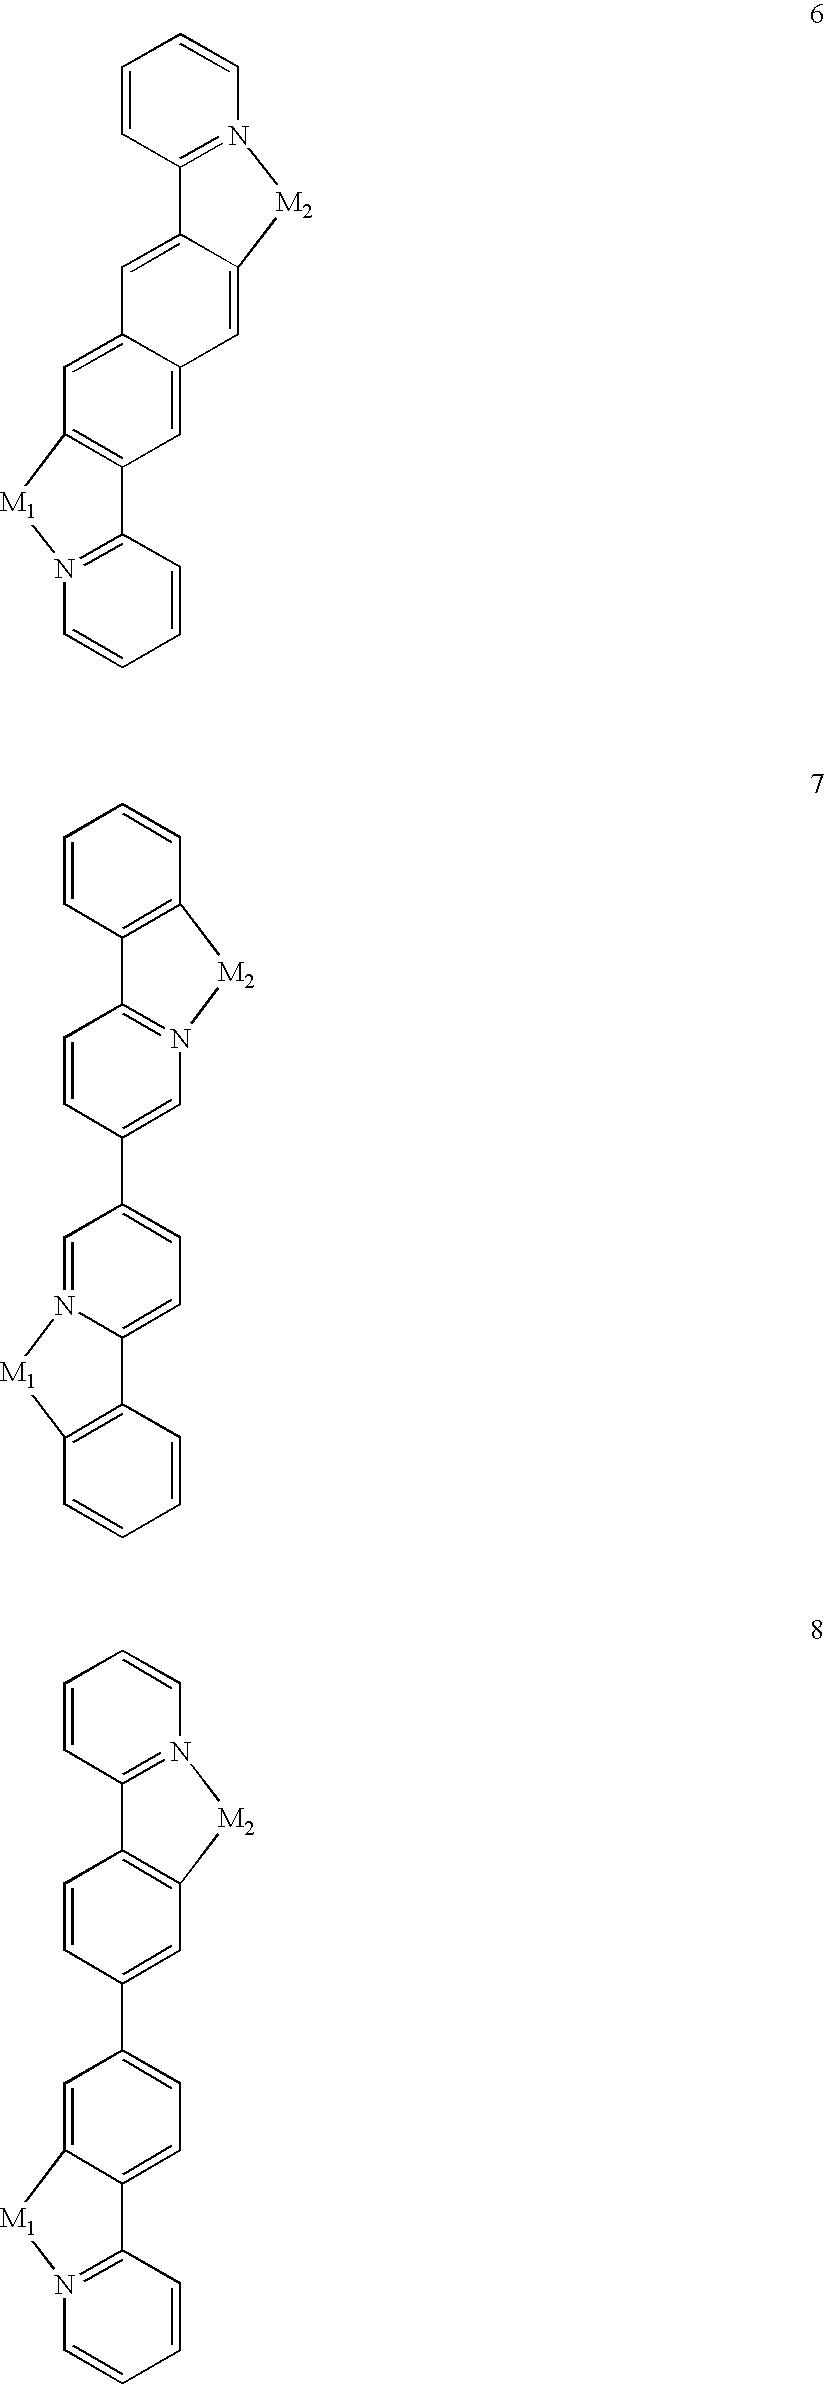 Figure US20030152802A1-20030814-C00007